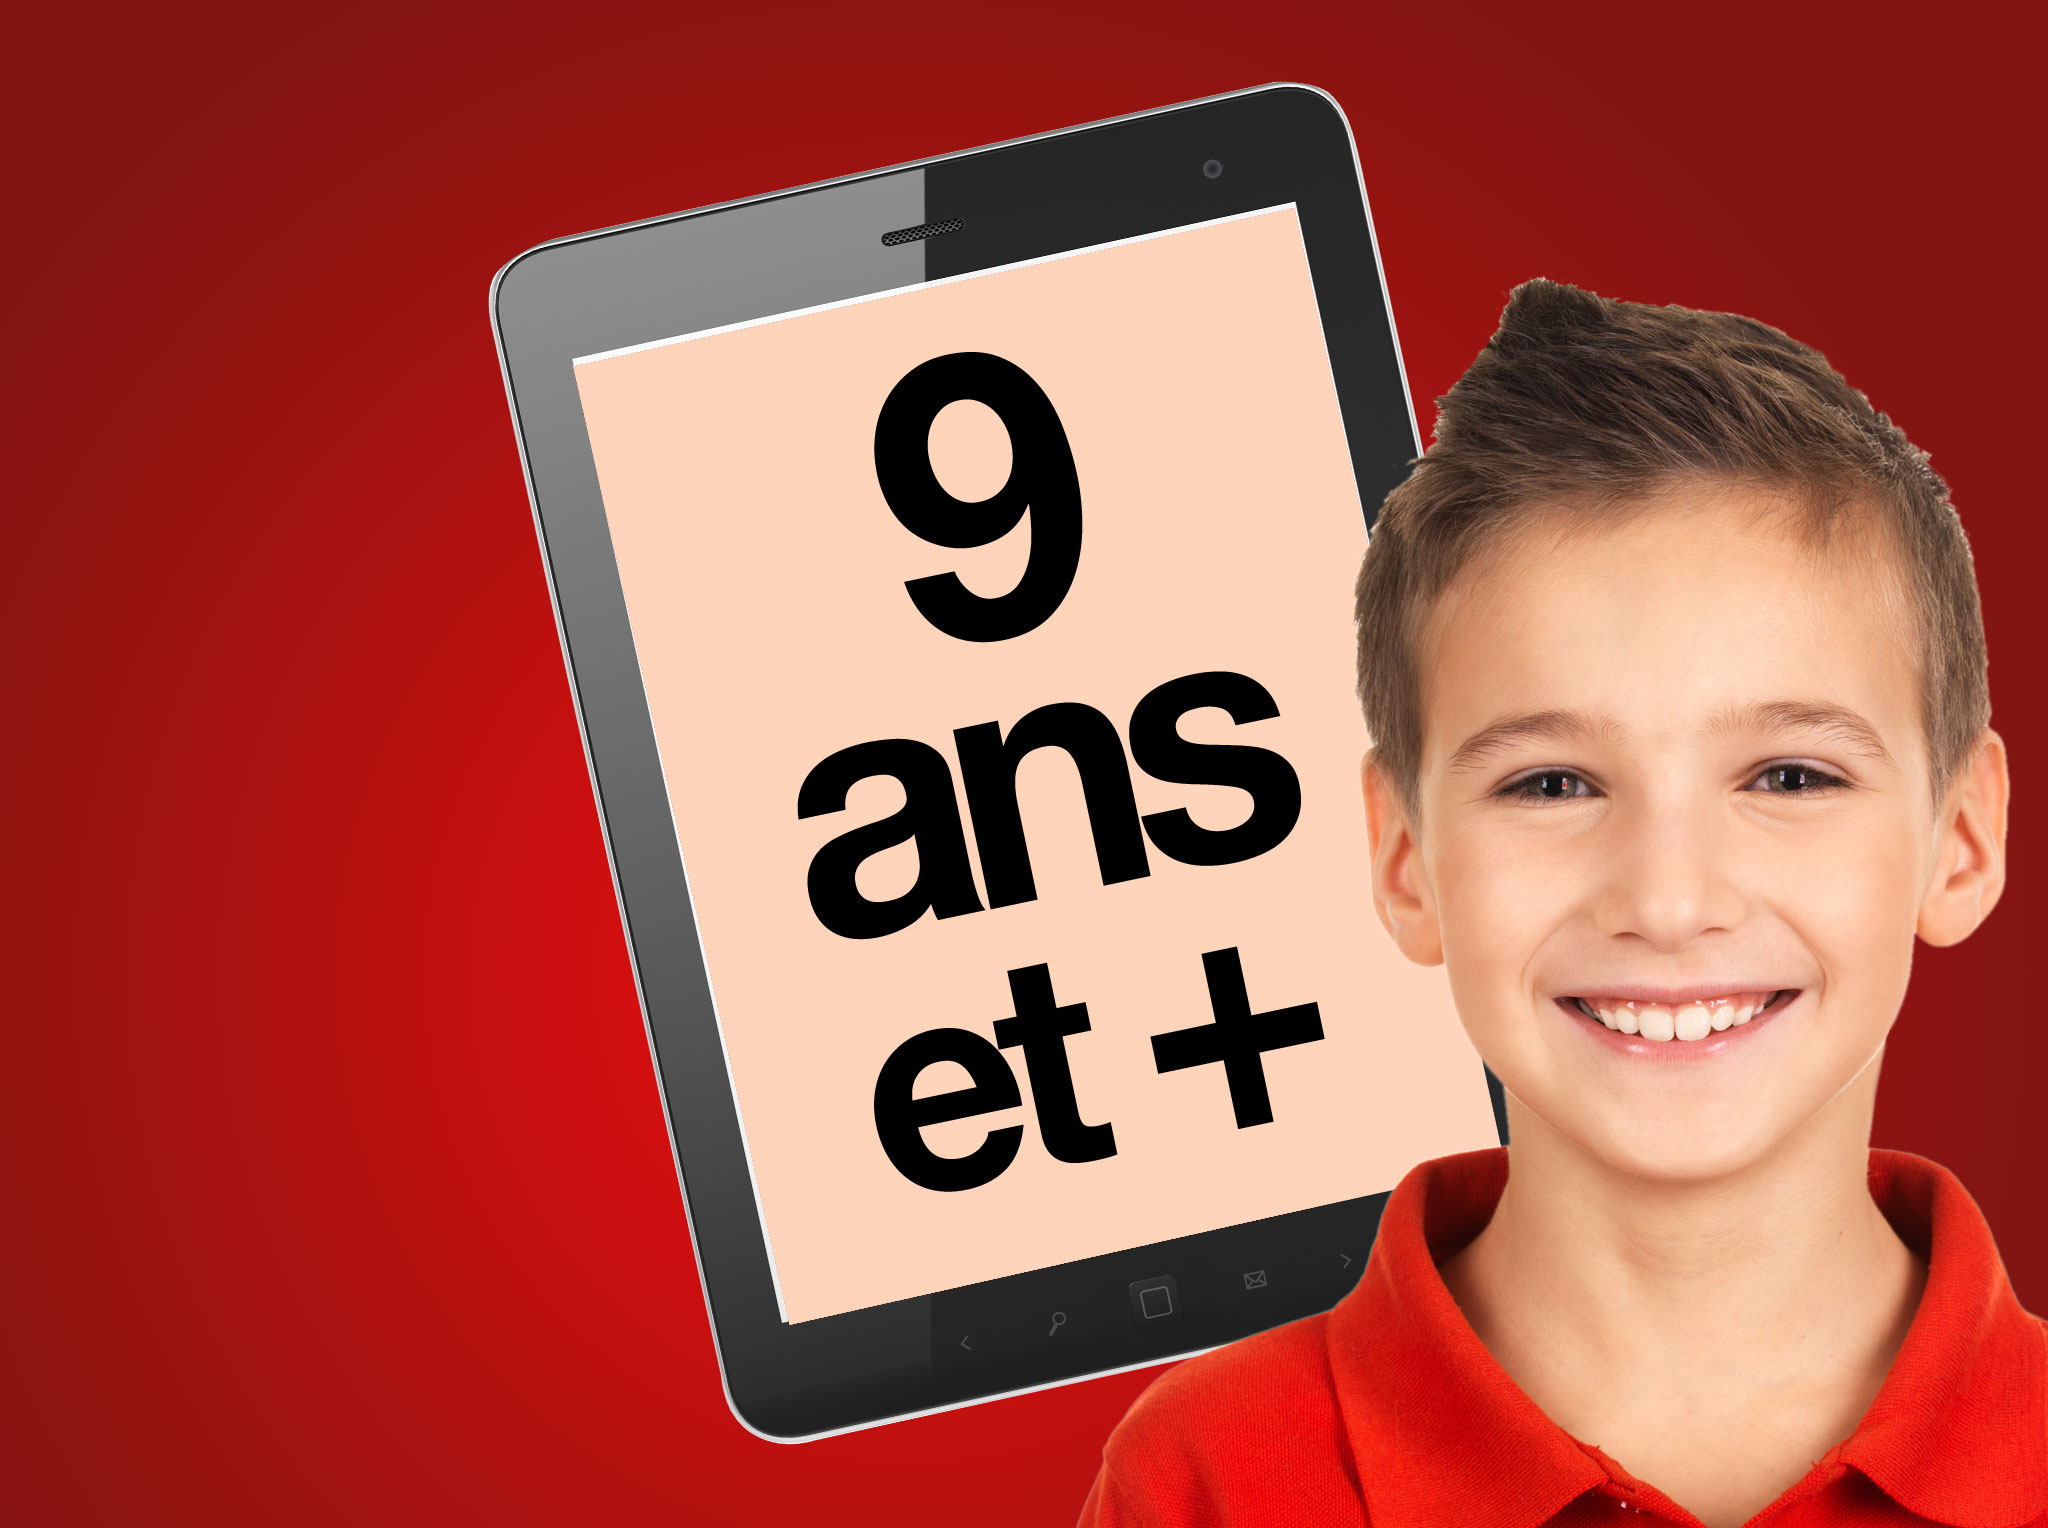 Jeux Sur Tablette: 64 Choix Pour Enfants | Protégez-Vous.ca avec Jeux Gratuit Pour Garçon 5 Ans